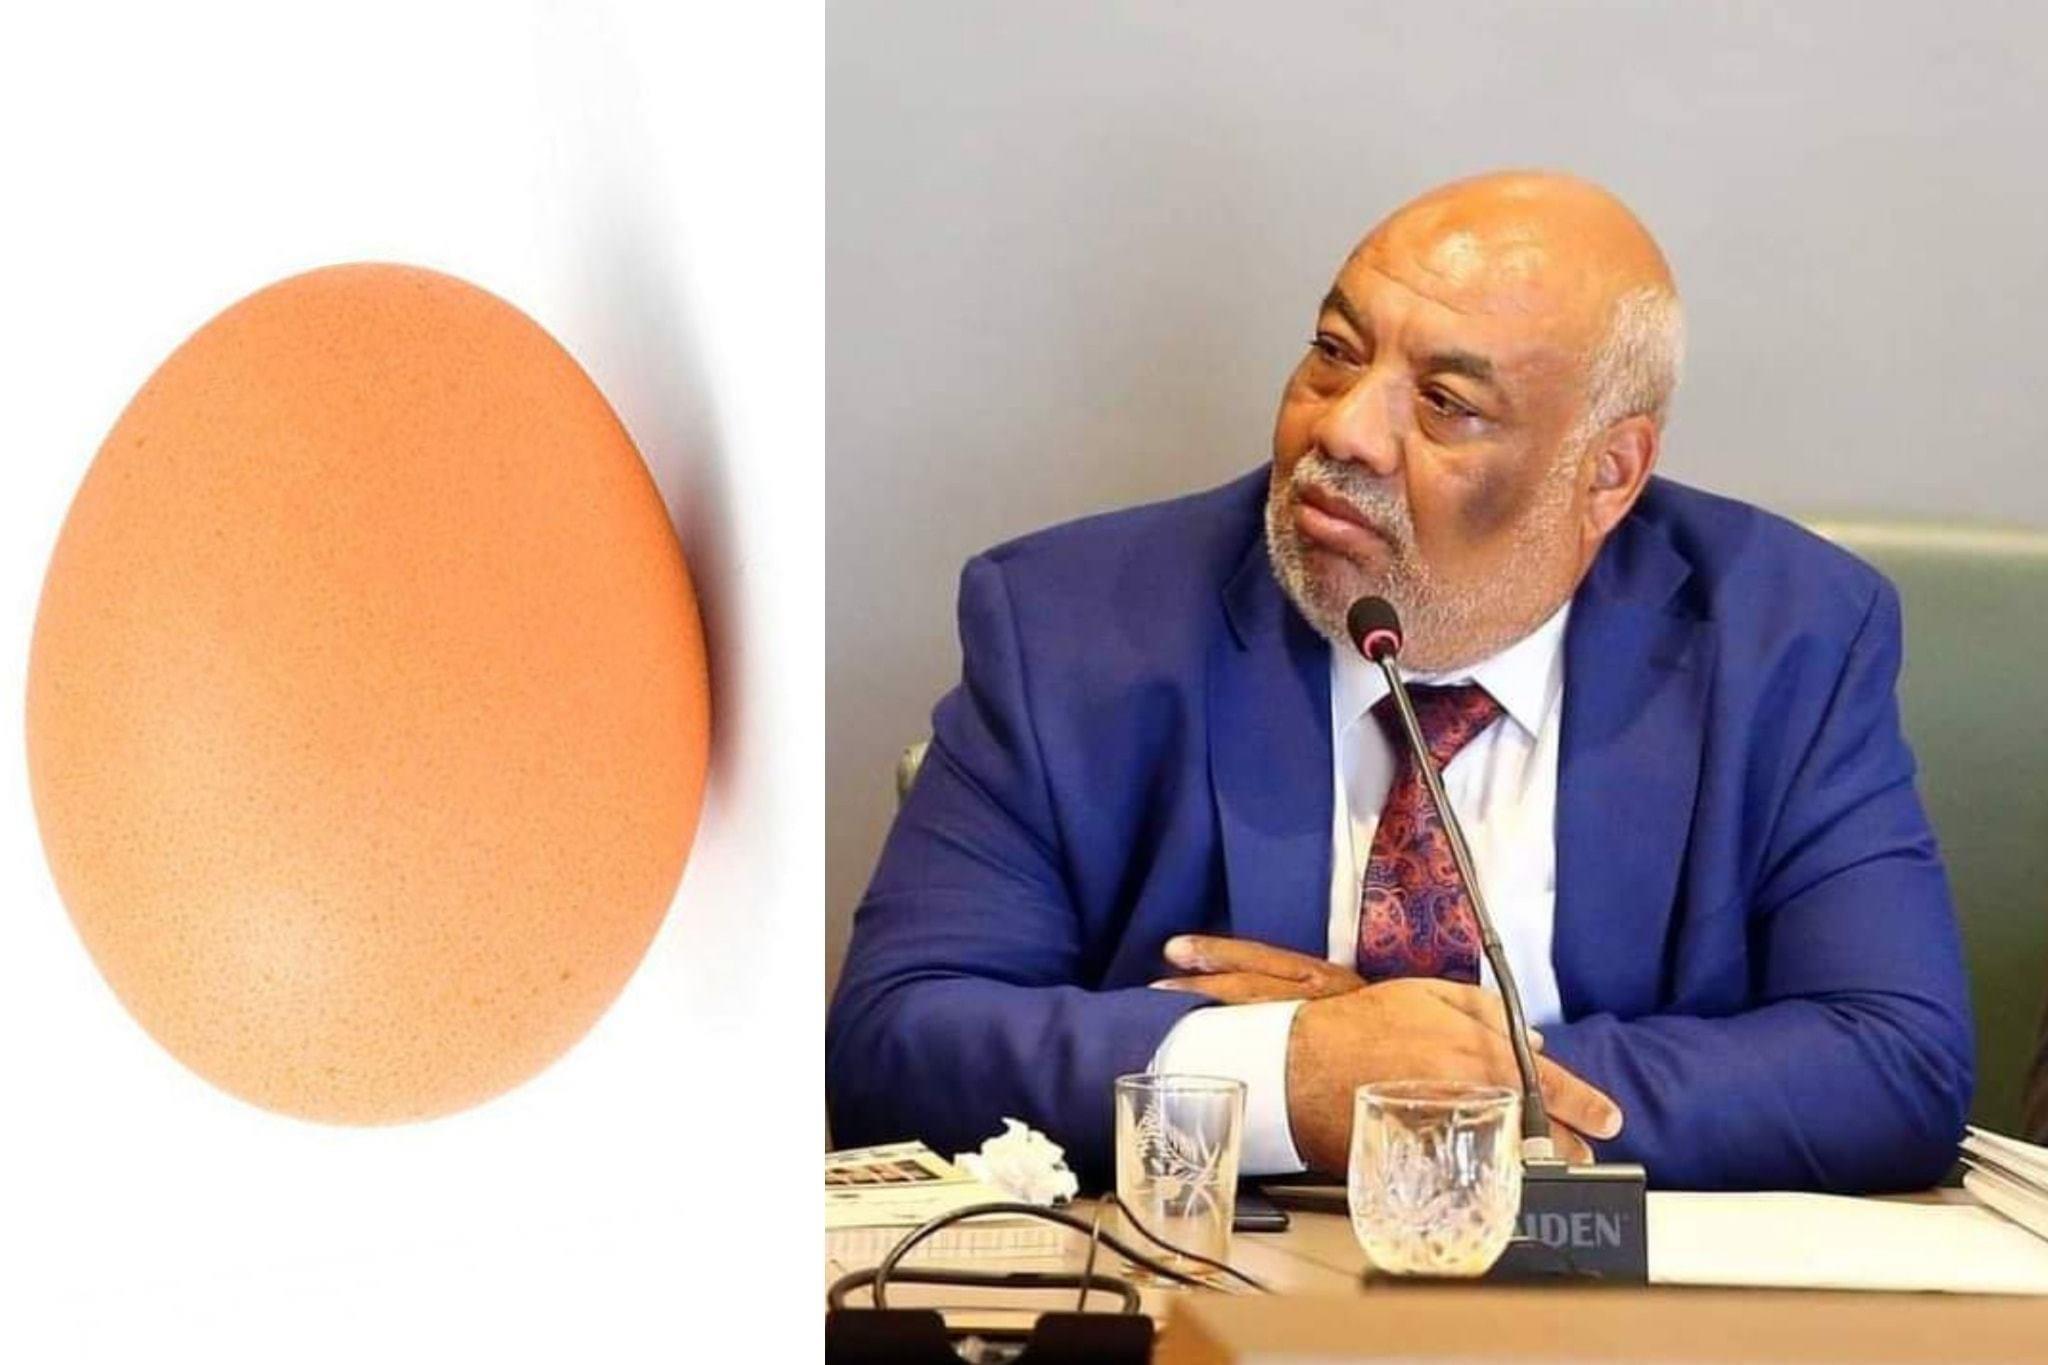 """صورة السراح المؤقت للعاملة المتهمة بـ""""سرقة 16 بيضة"""" بعد تنازل مشغلها البرلماني"""